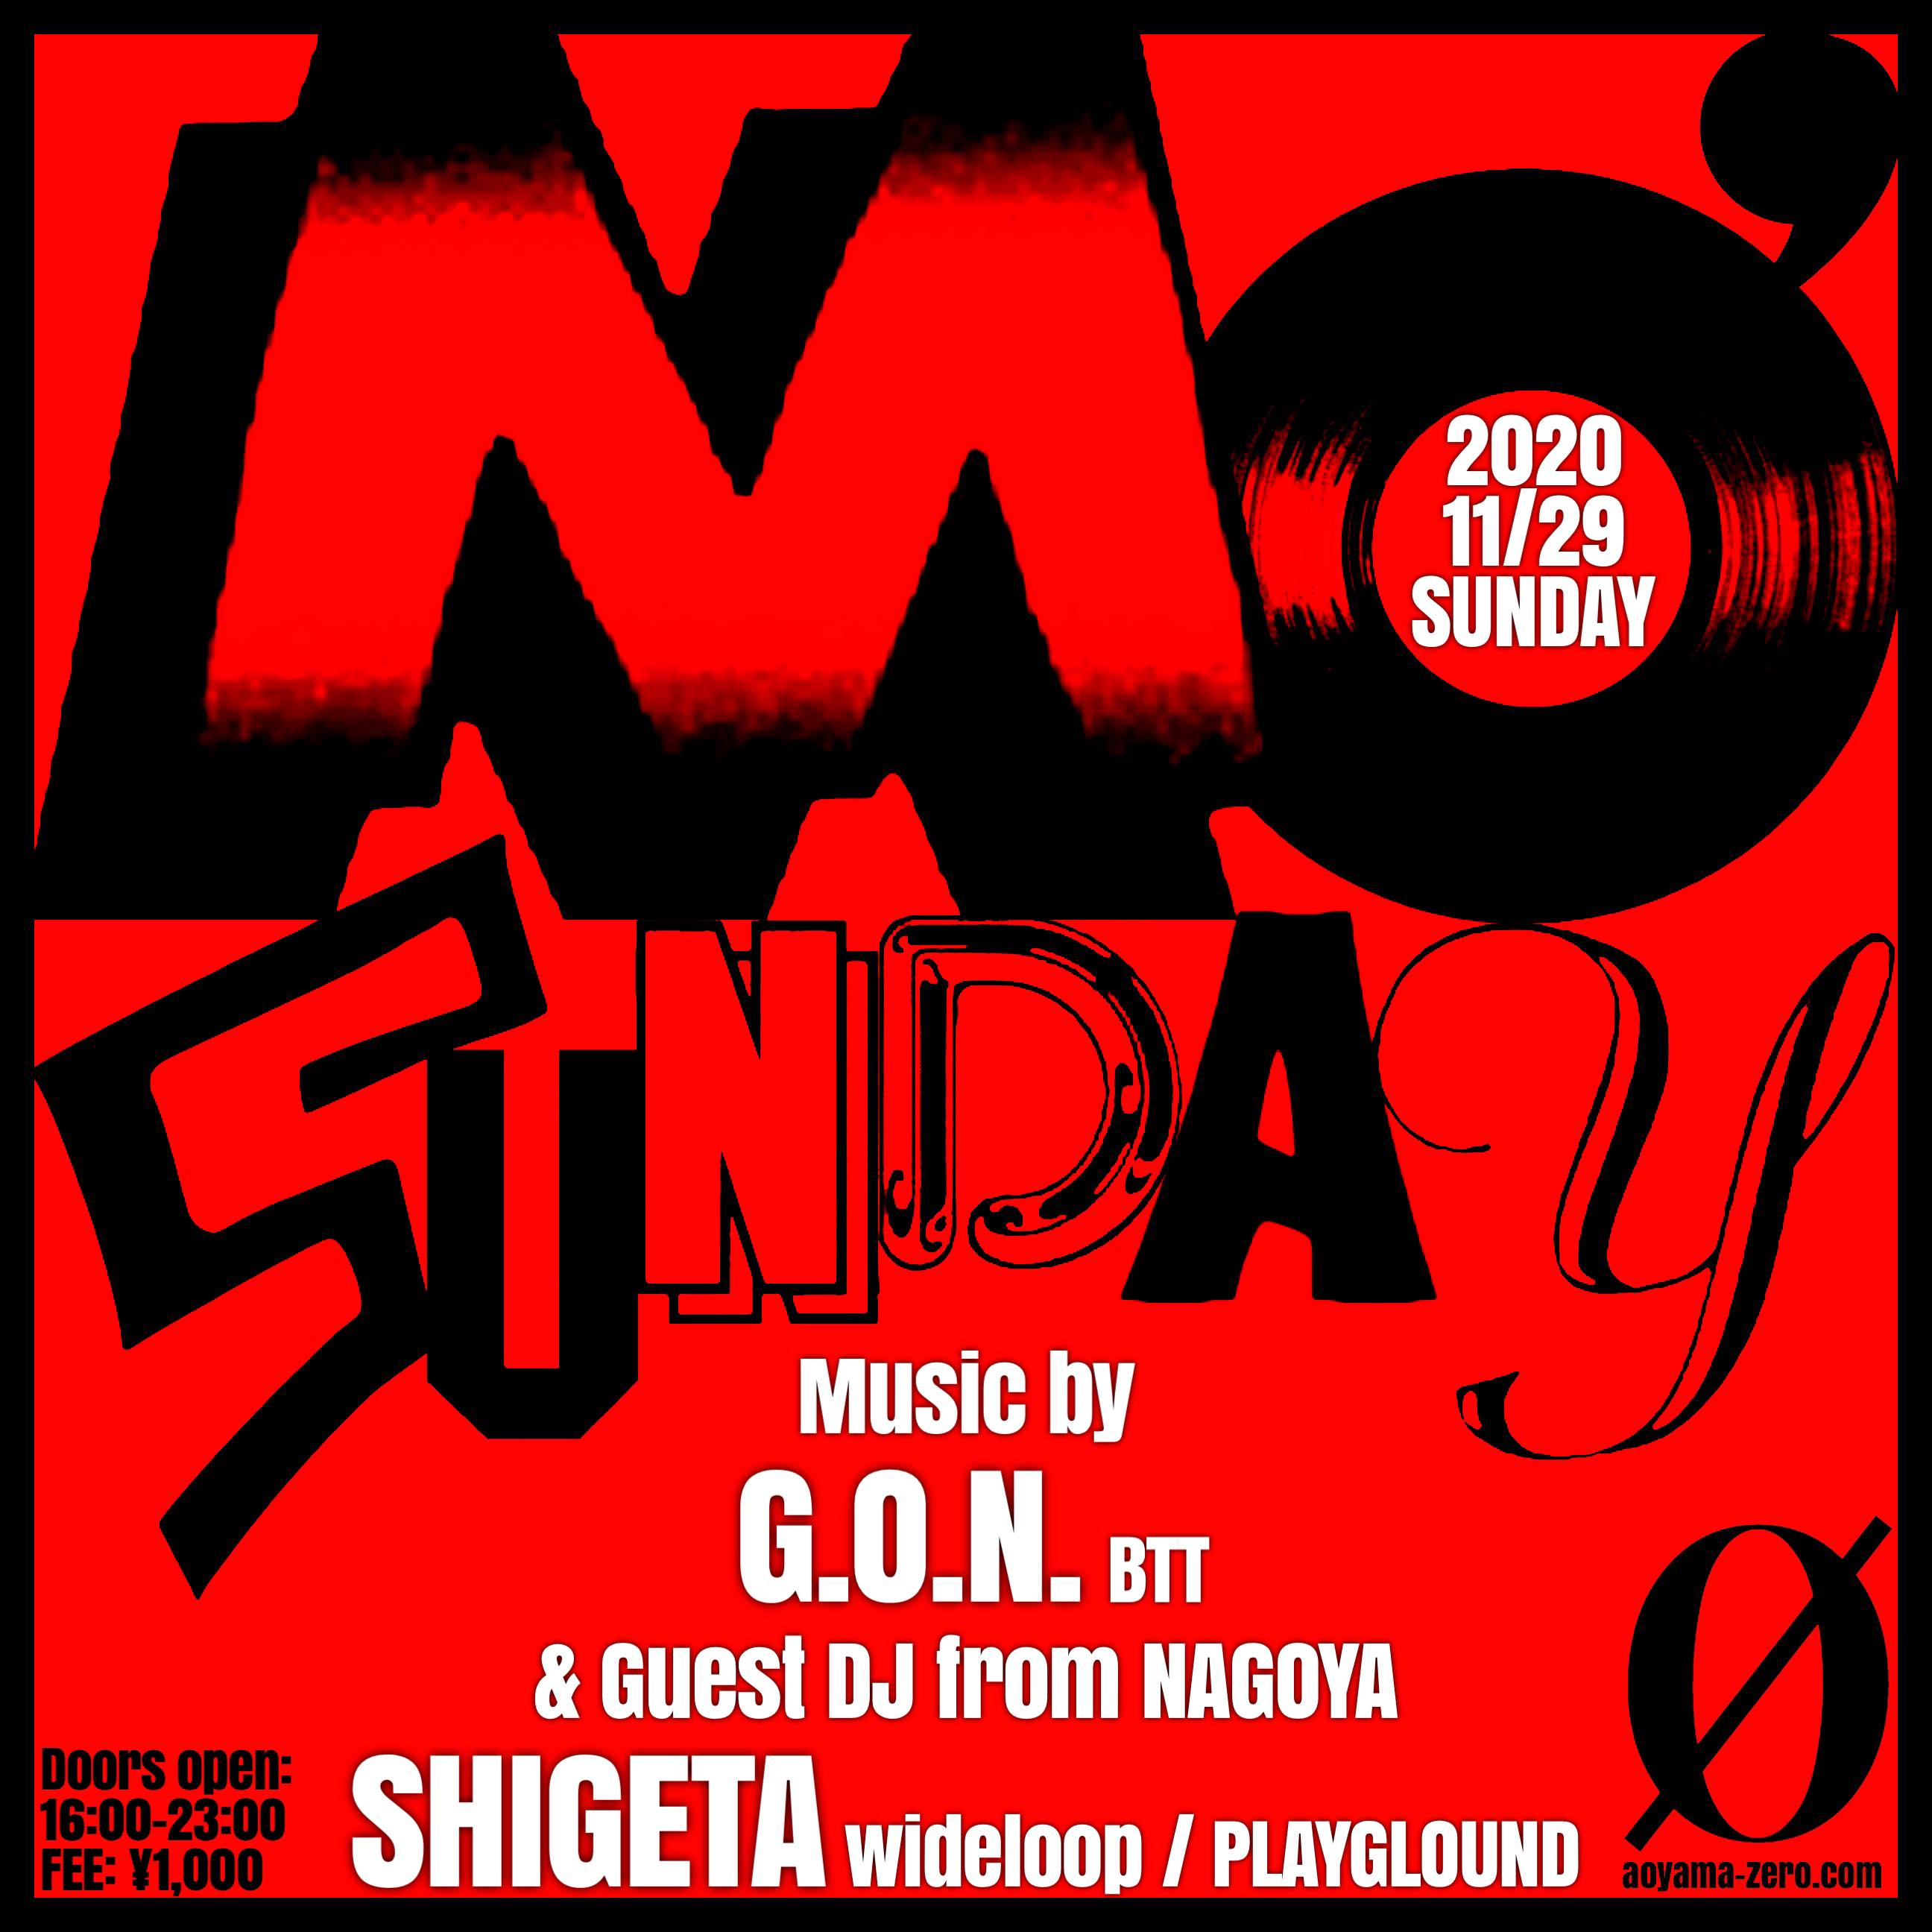 Mo' SUNDAY